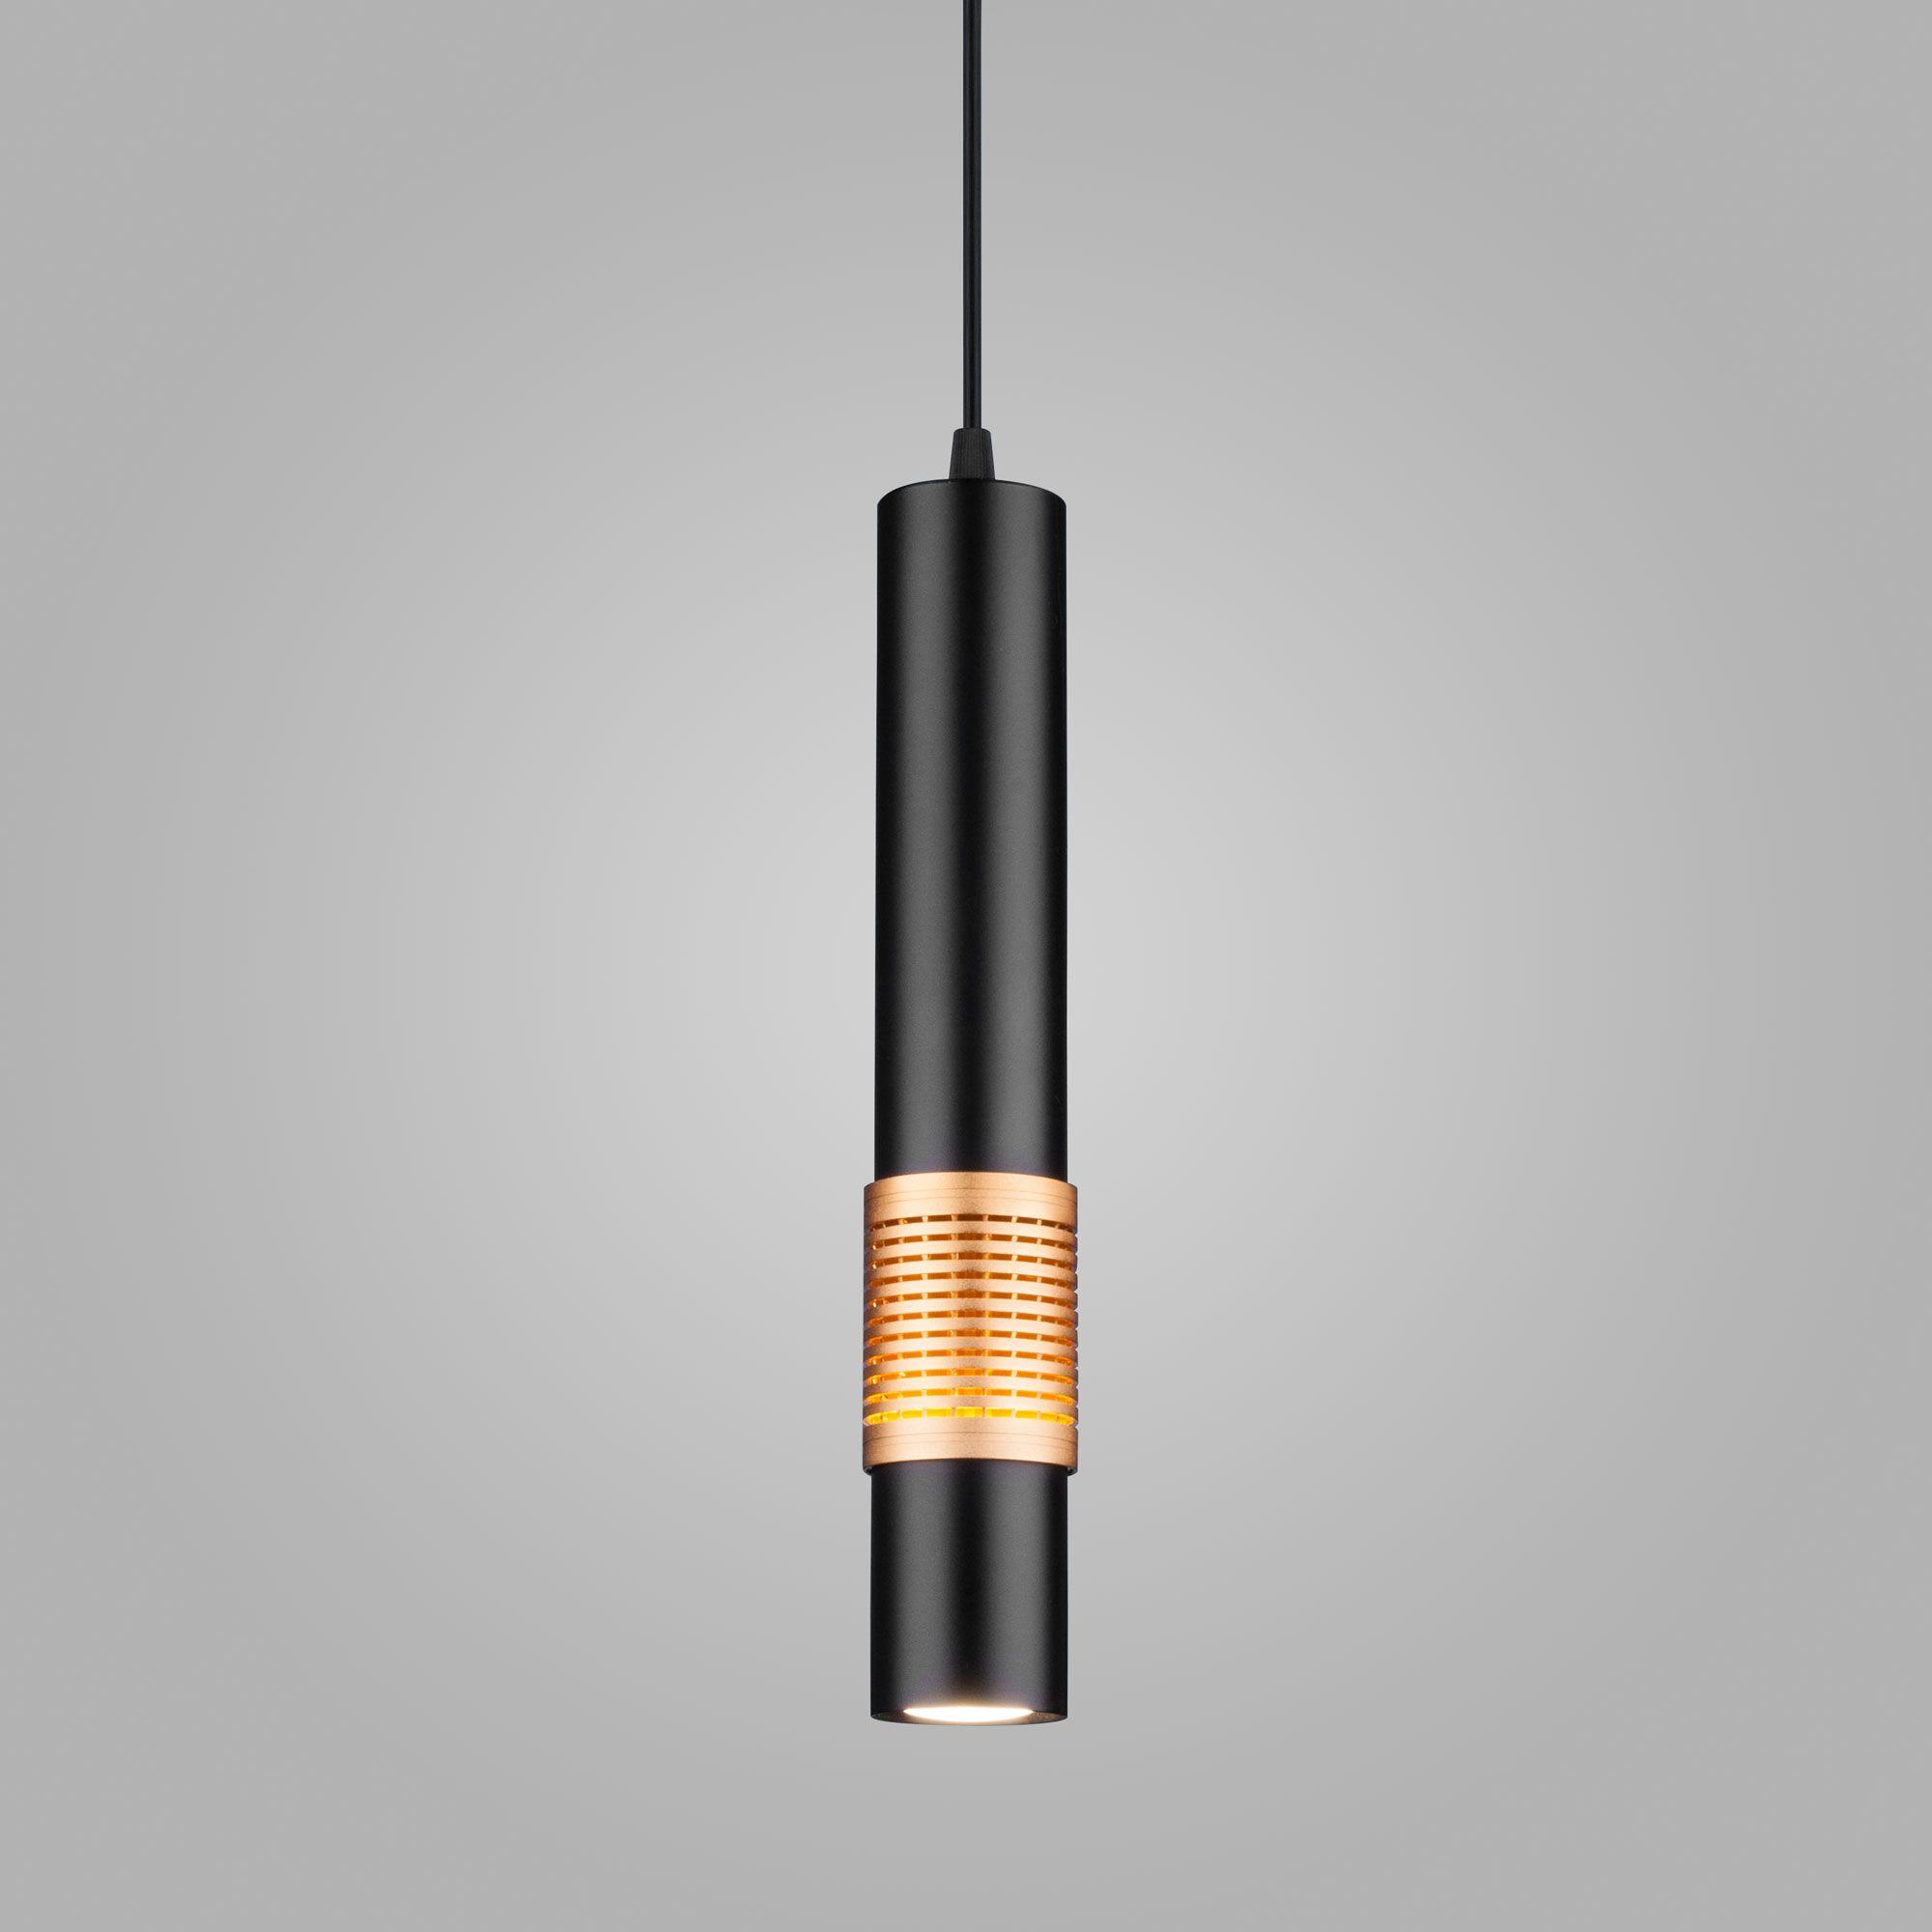 Подвесной потолочный светильник DLN001 MR16 черный матовый/золото